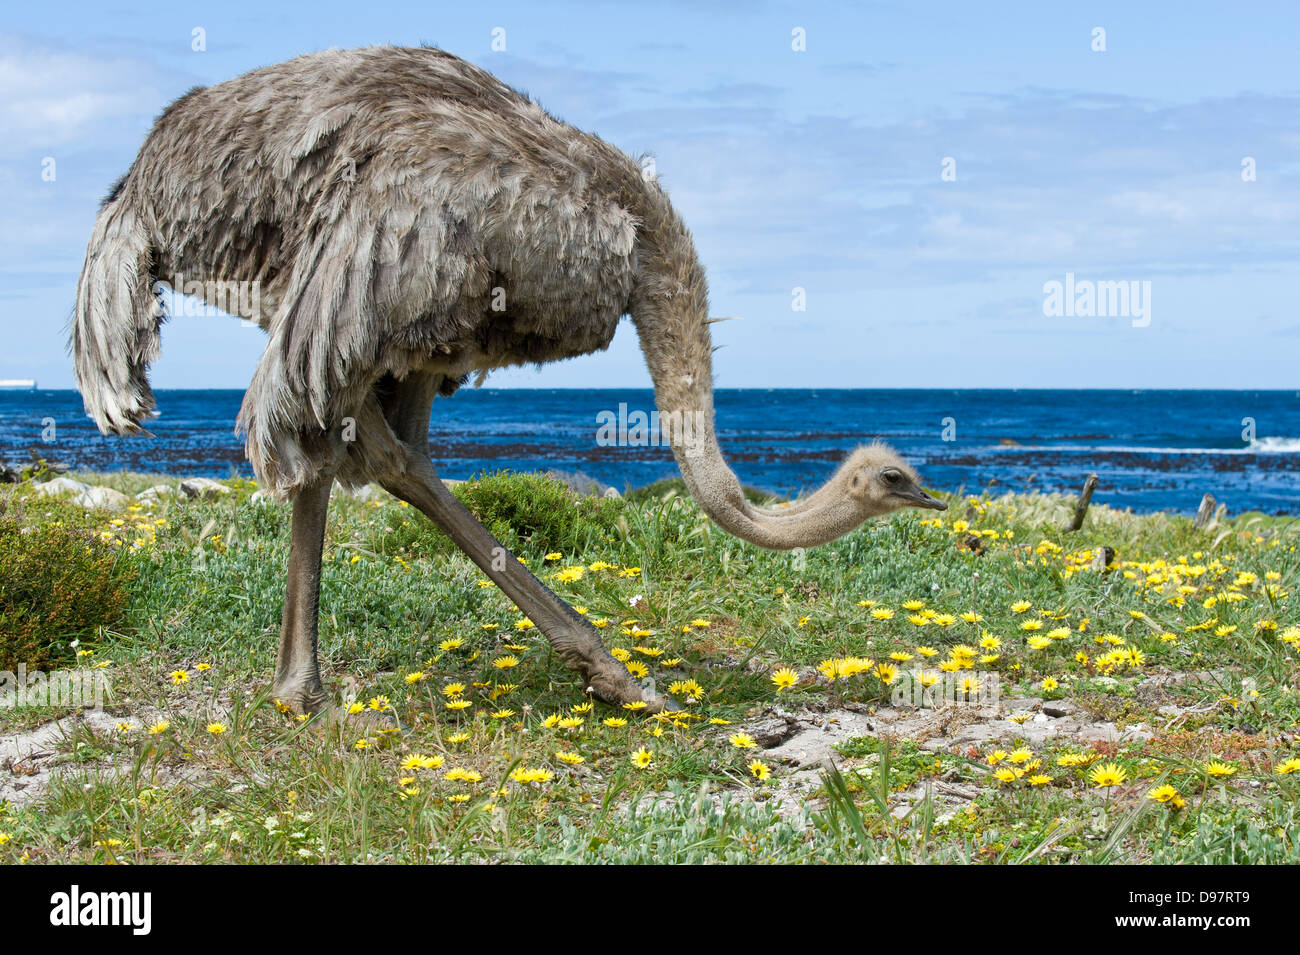 Weibliche Strauß (Struthio Camelus), Kap der guten Hoffnung, Western Cape, Südafrika Stockbild